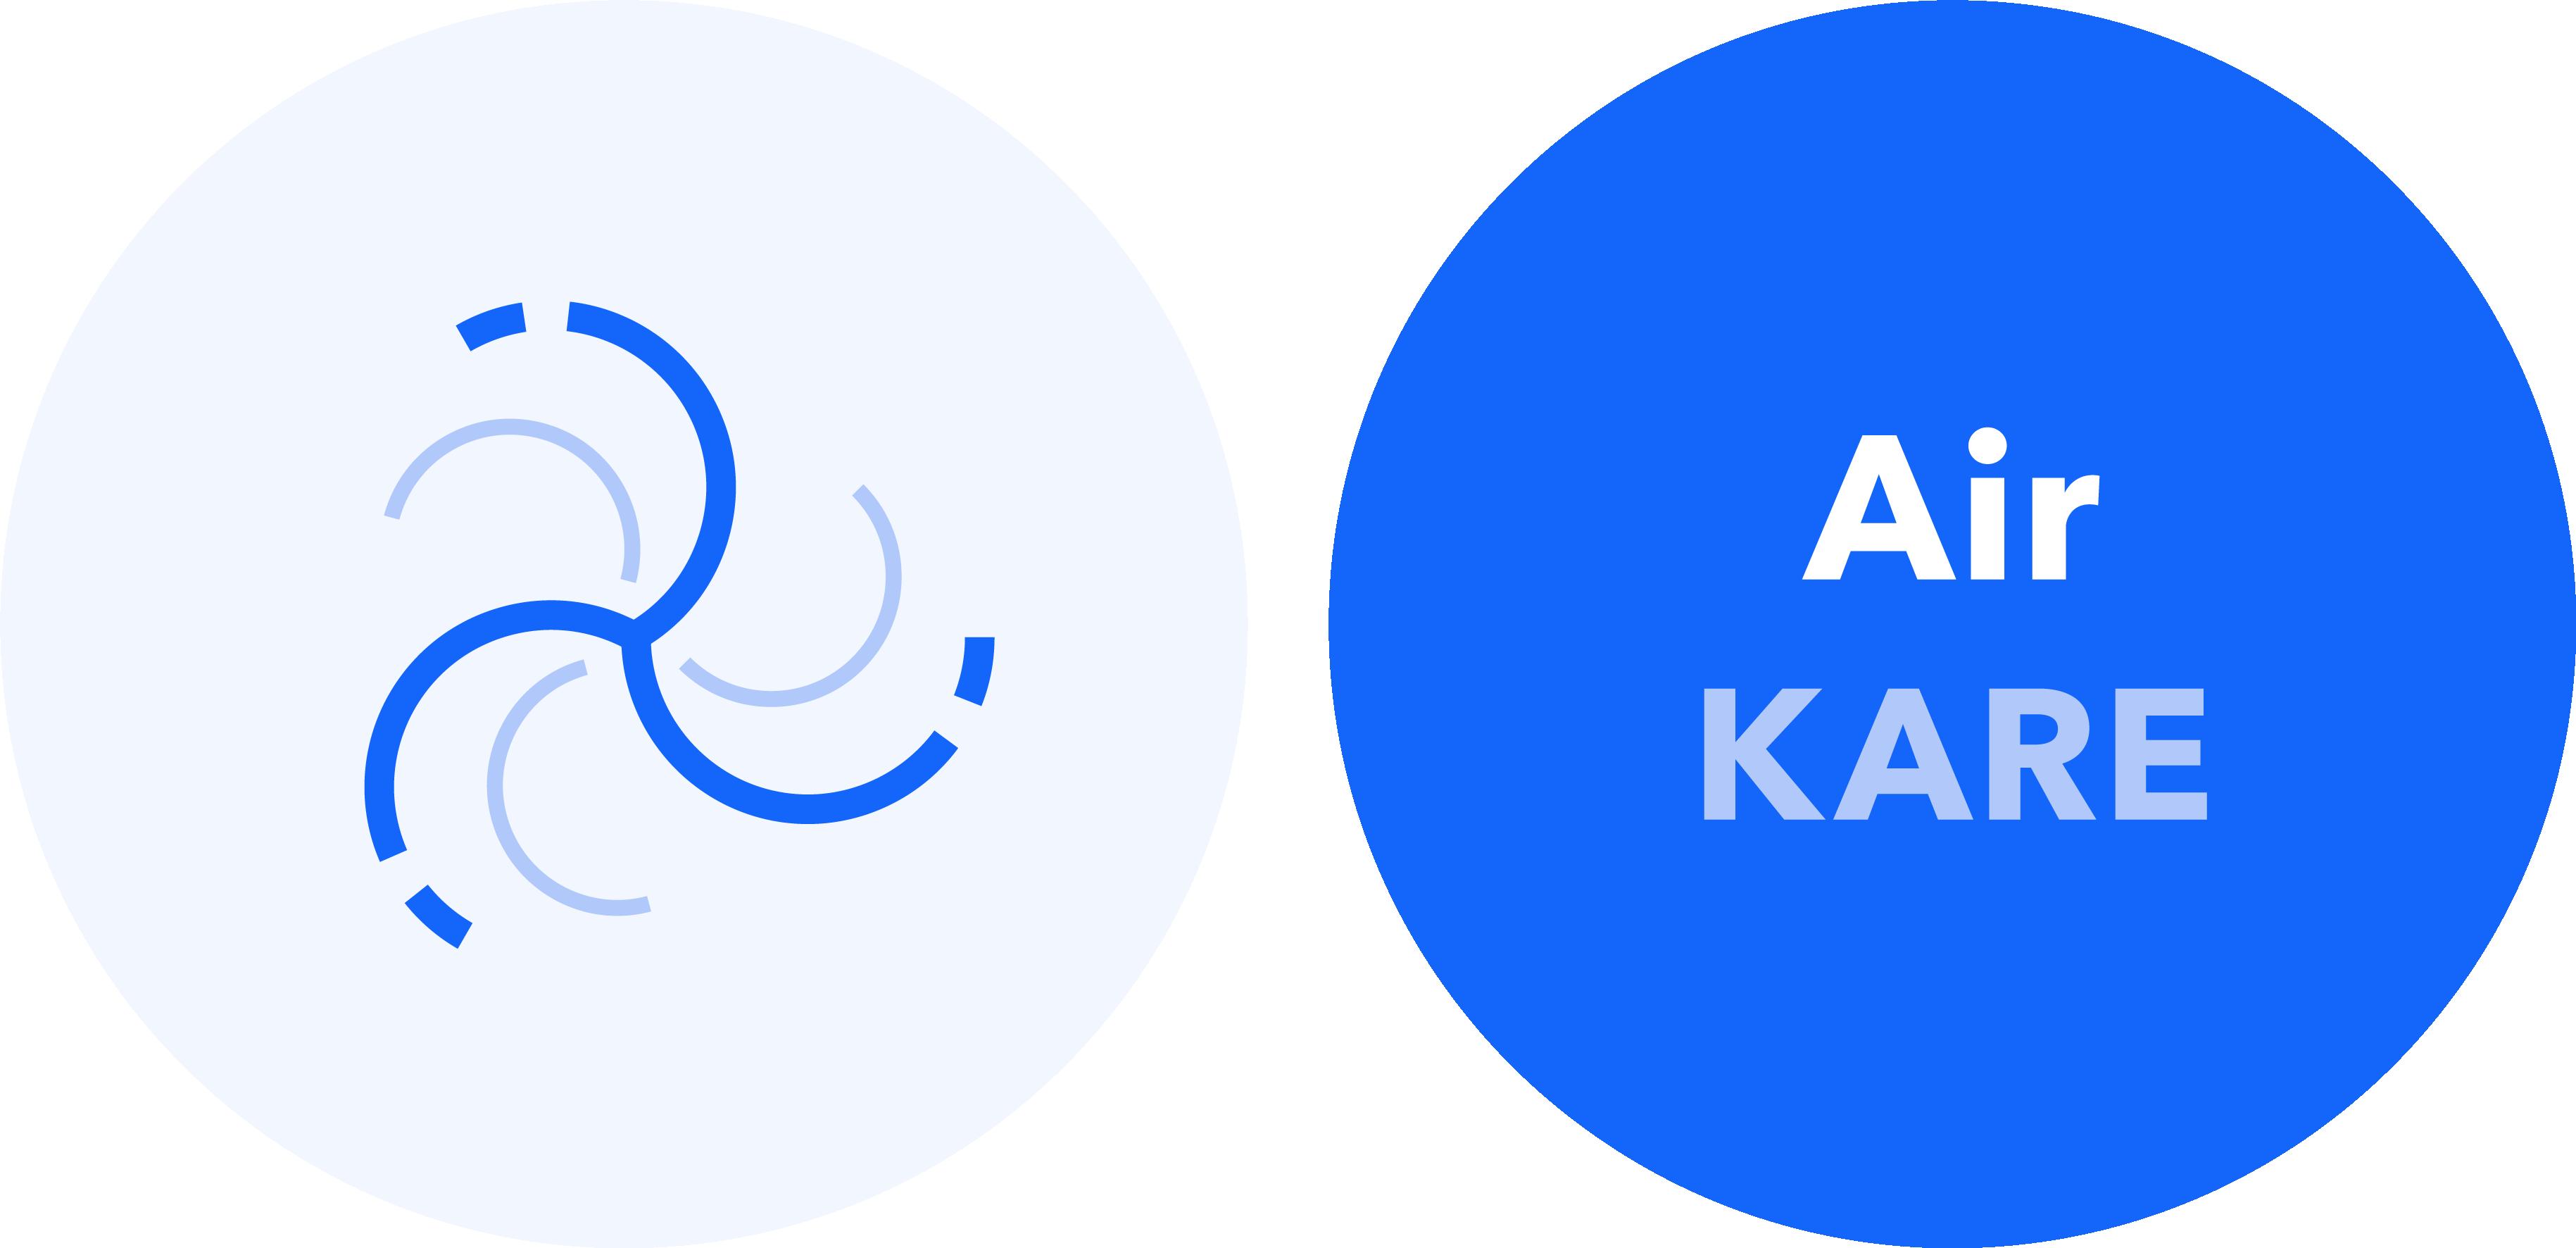 Air KARE iconn